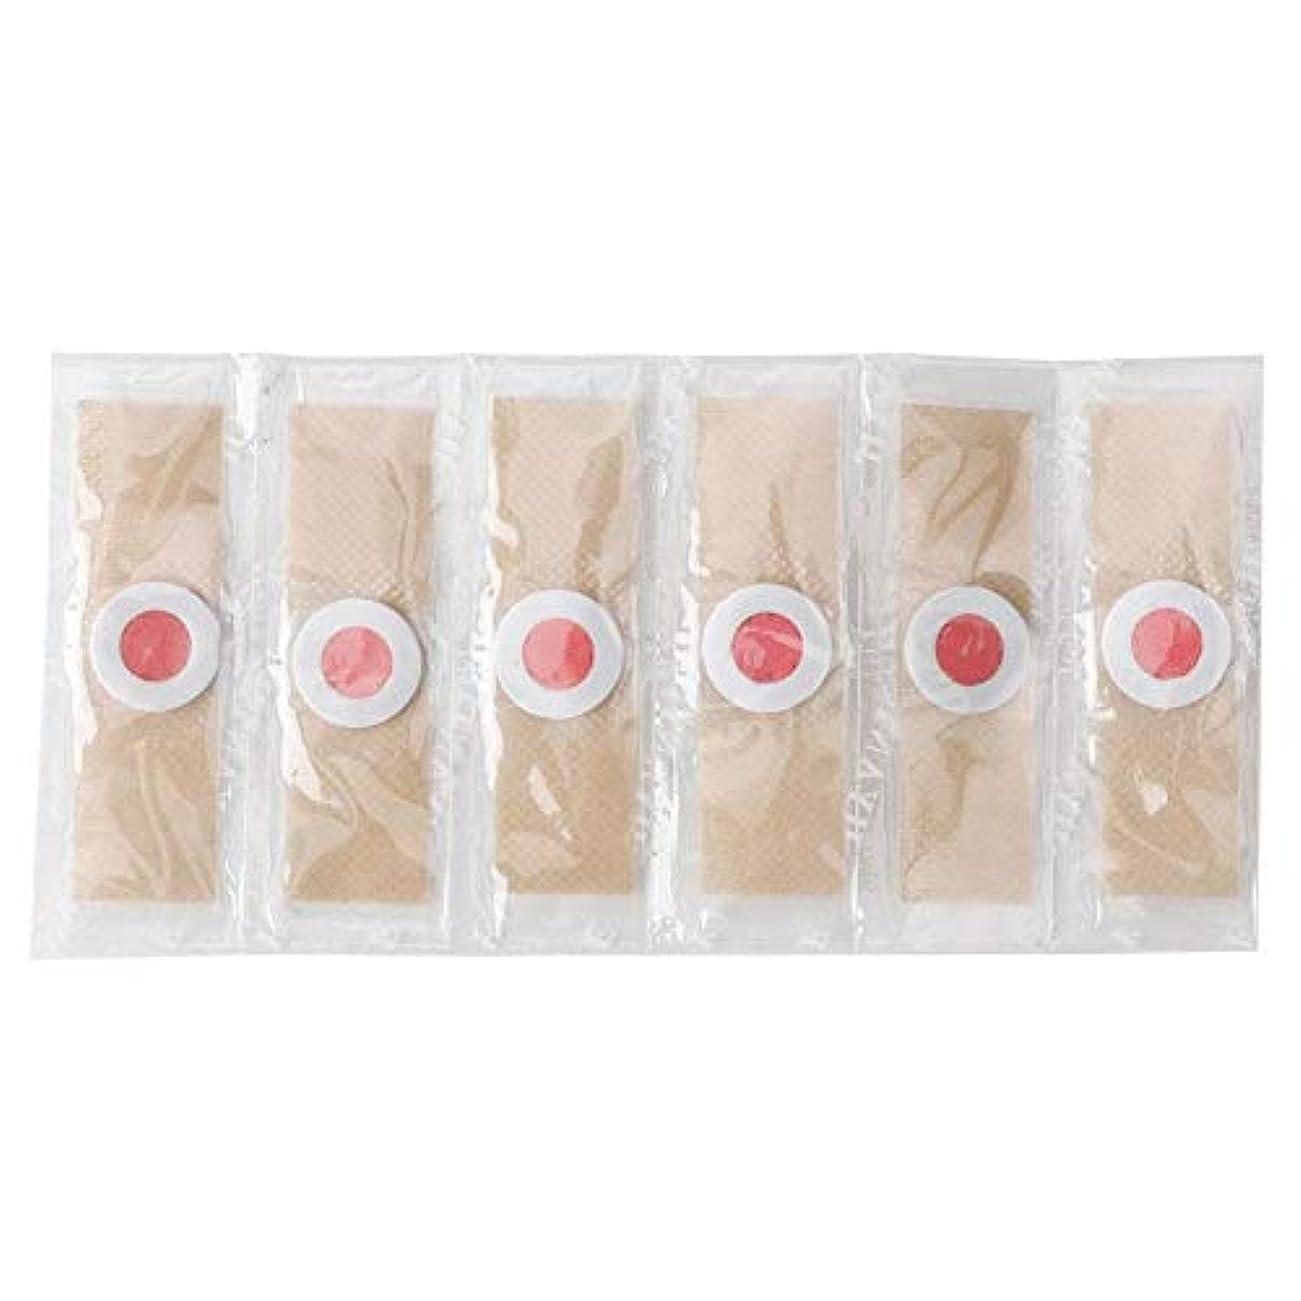 いうスローどうしたのトウモロコシ除去剤、足カルス除去石膏クッション用ソフト肌の皮保護つま先ケア痛み6個/箱